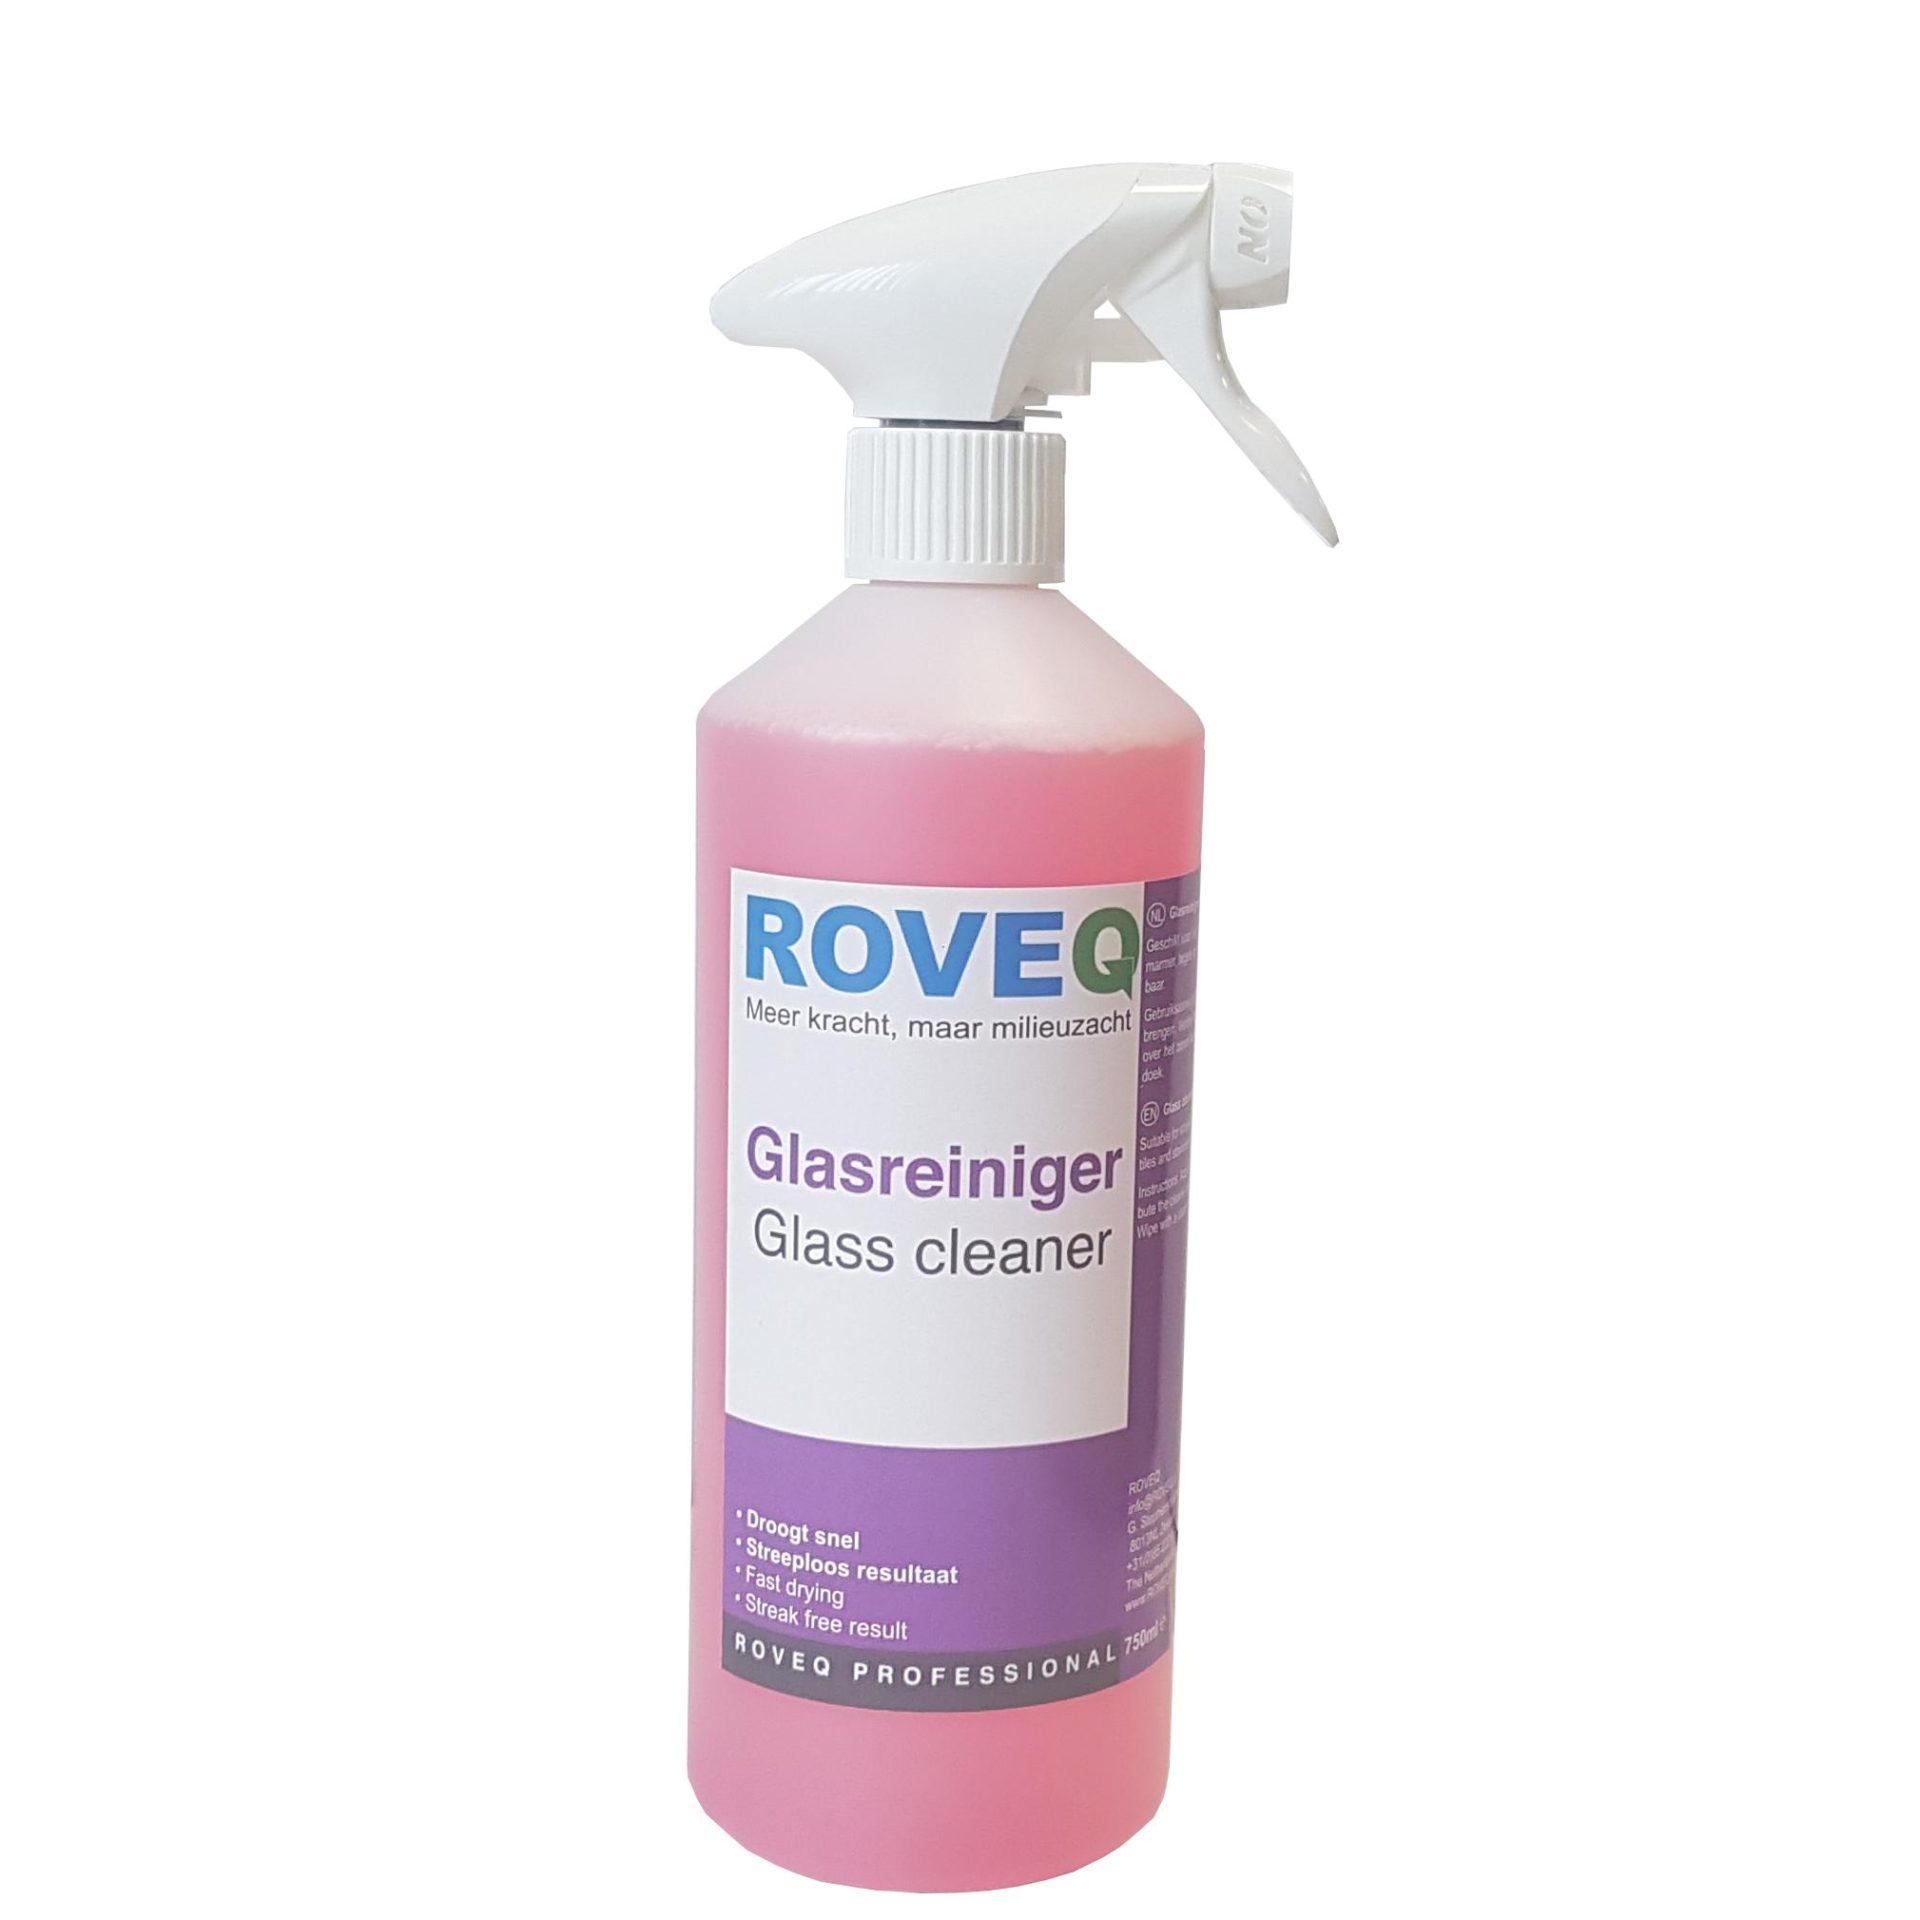 ROVEQ glasreiniger 750ml met standaard spray